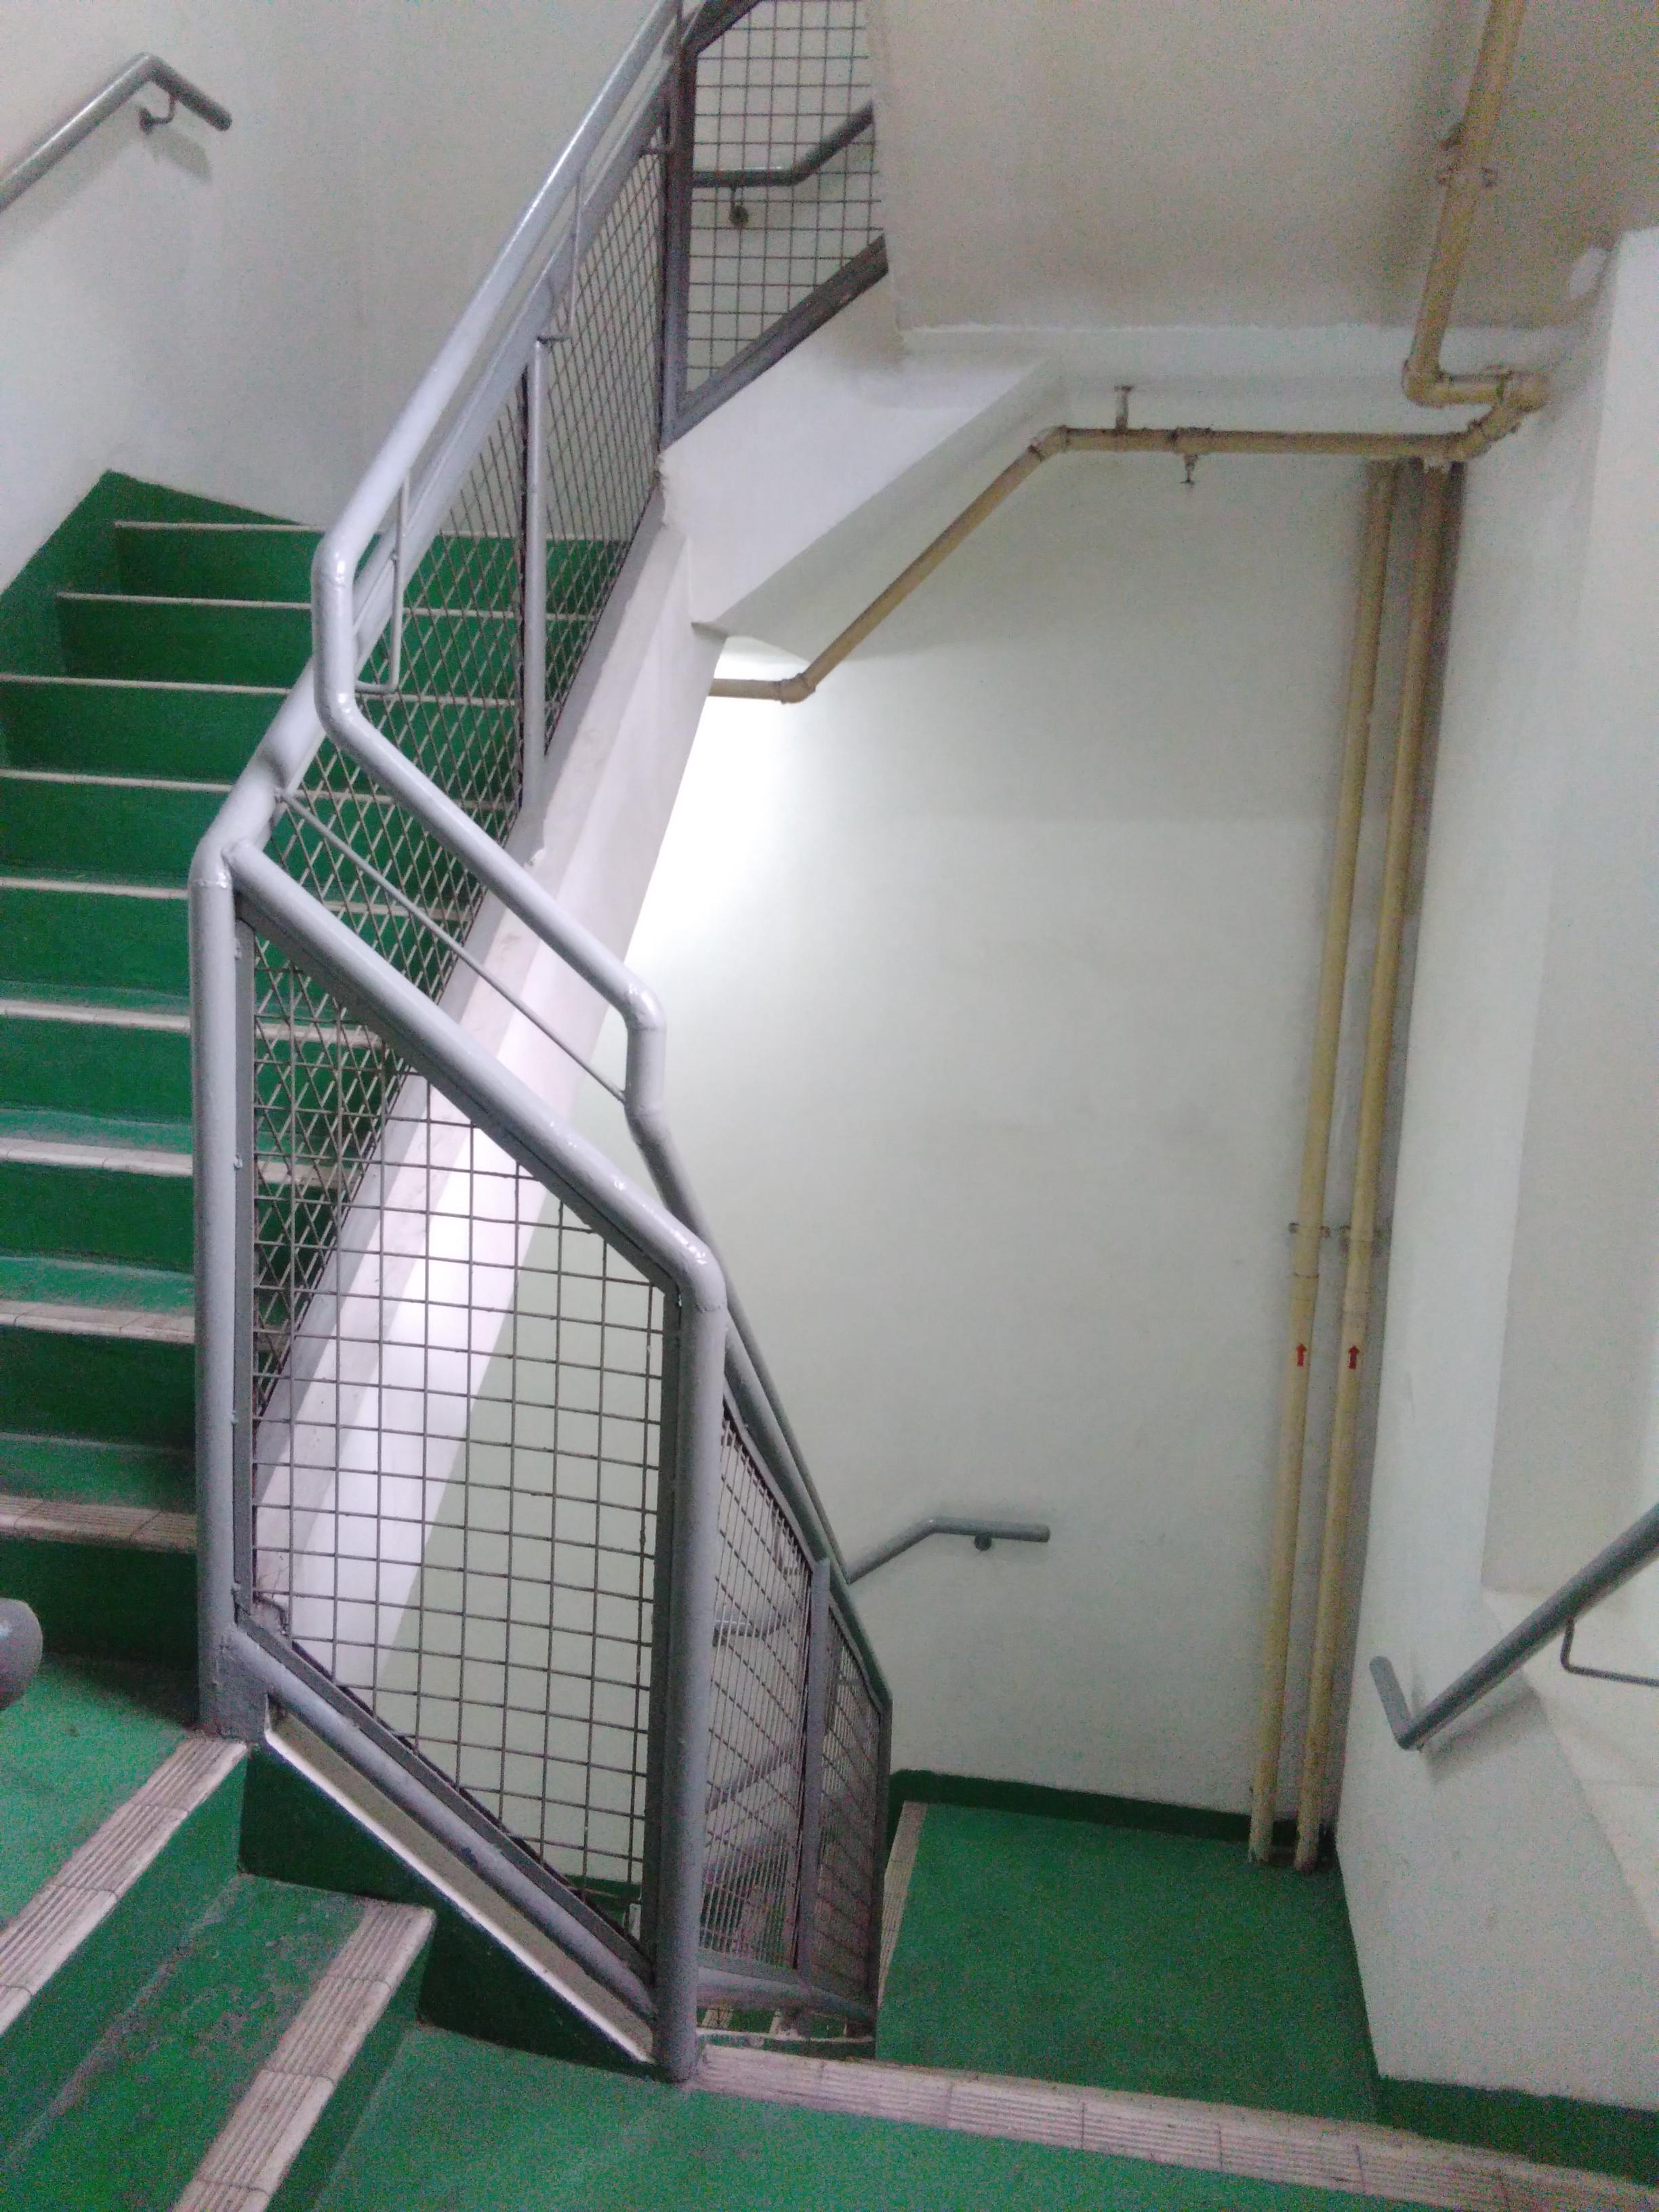 File:HongKong Kwun Tong How Ming Street Entrepot Centre Staircase Part